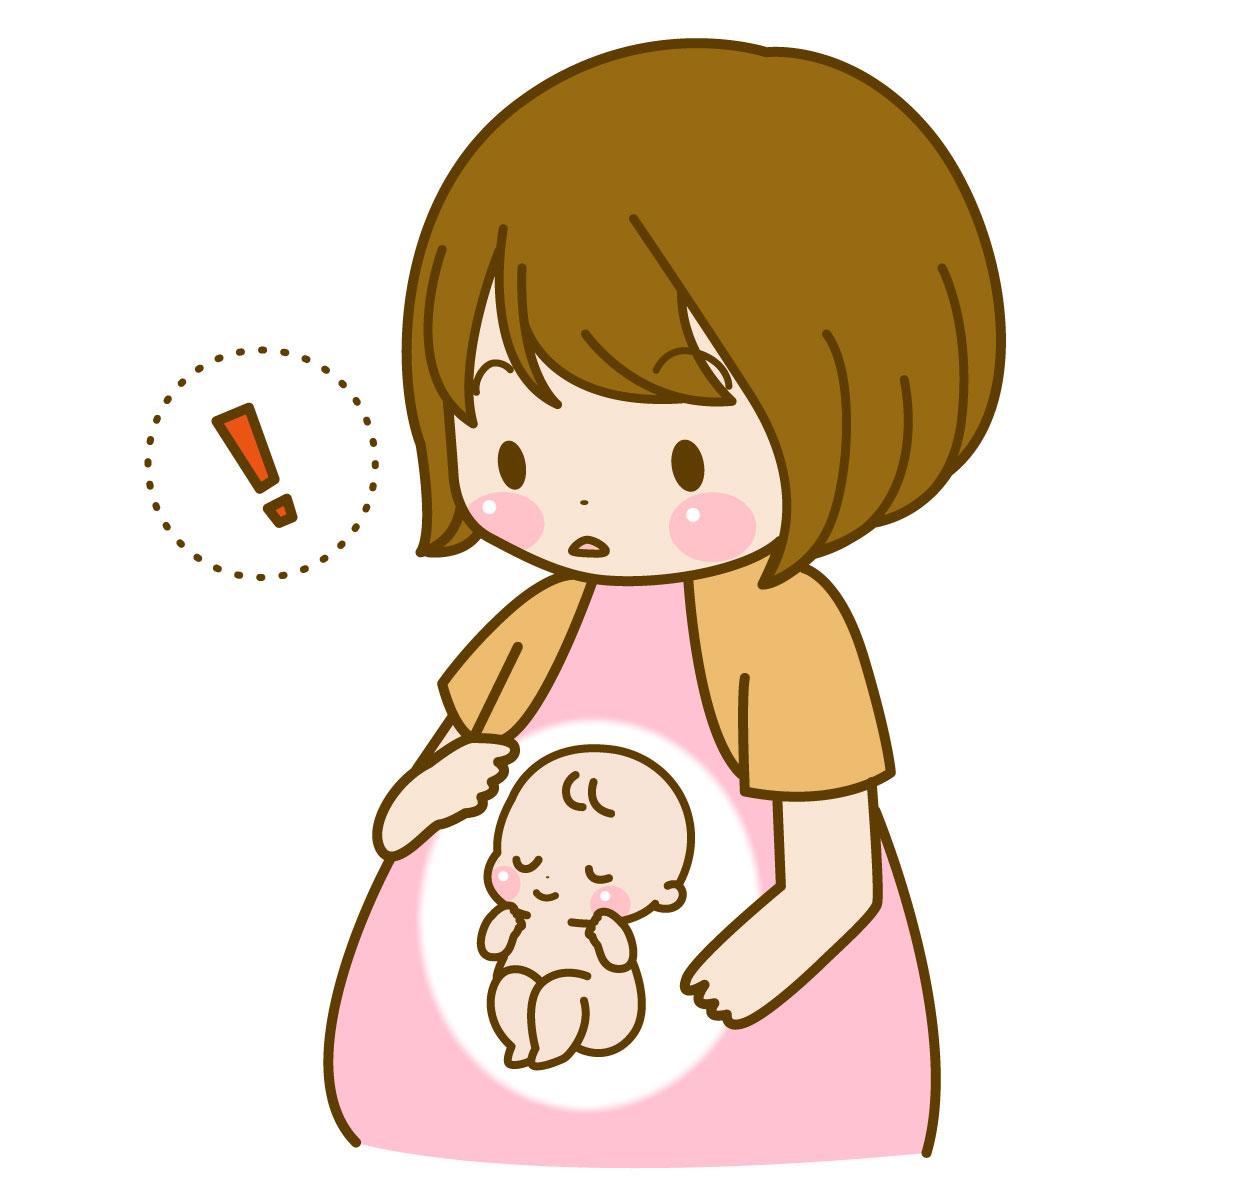 妊婦はハトムギの摂取をしないように